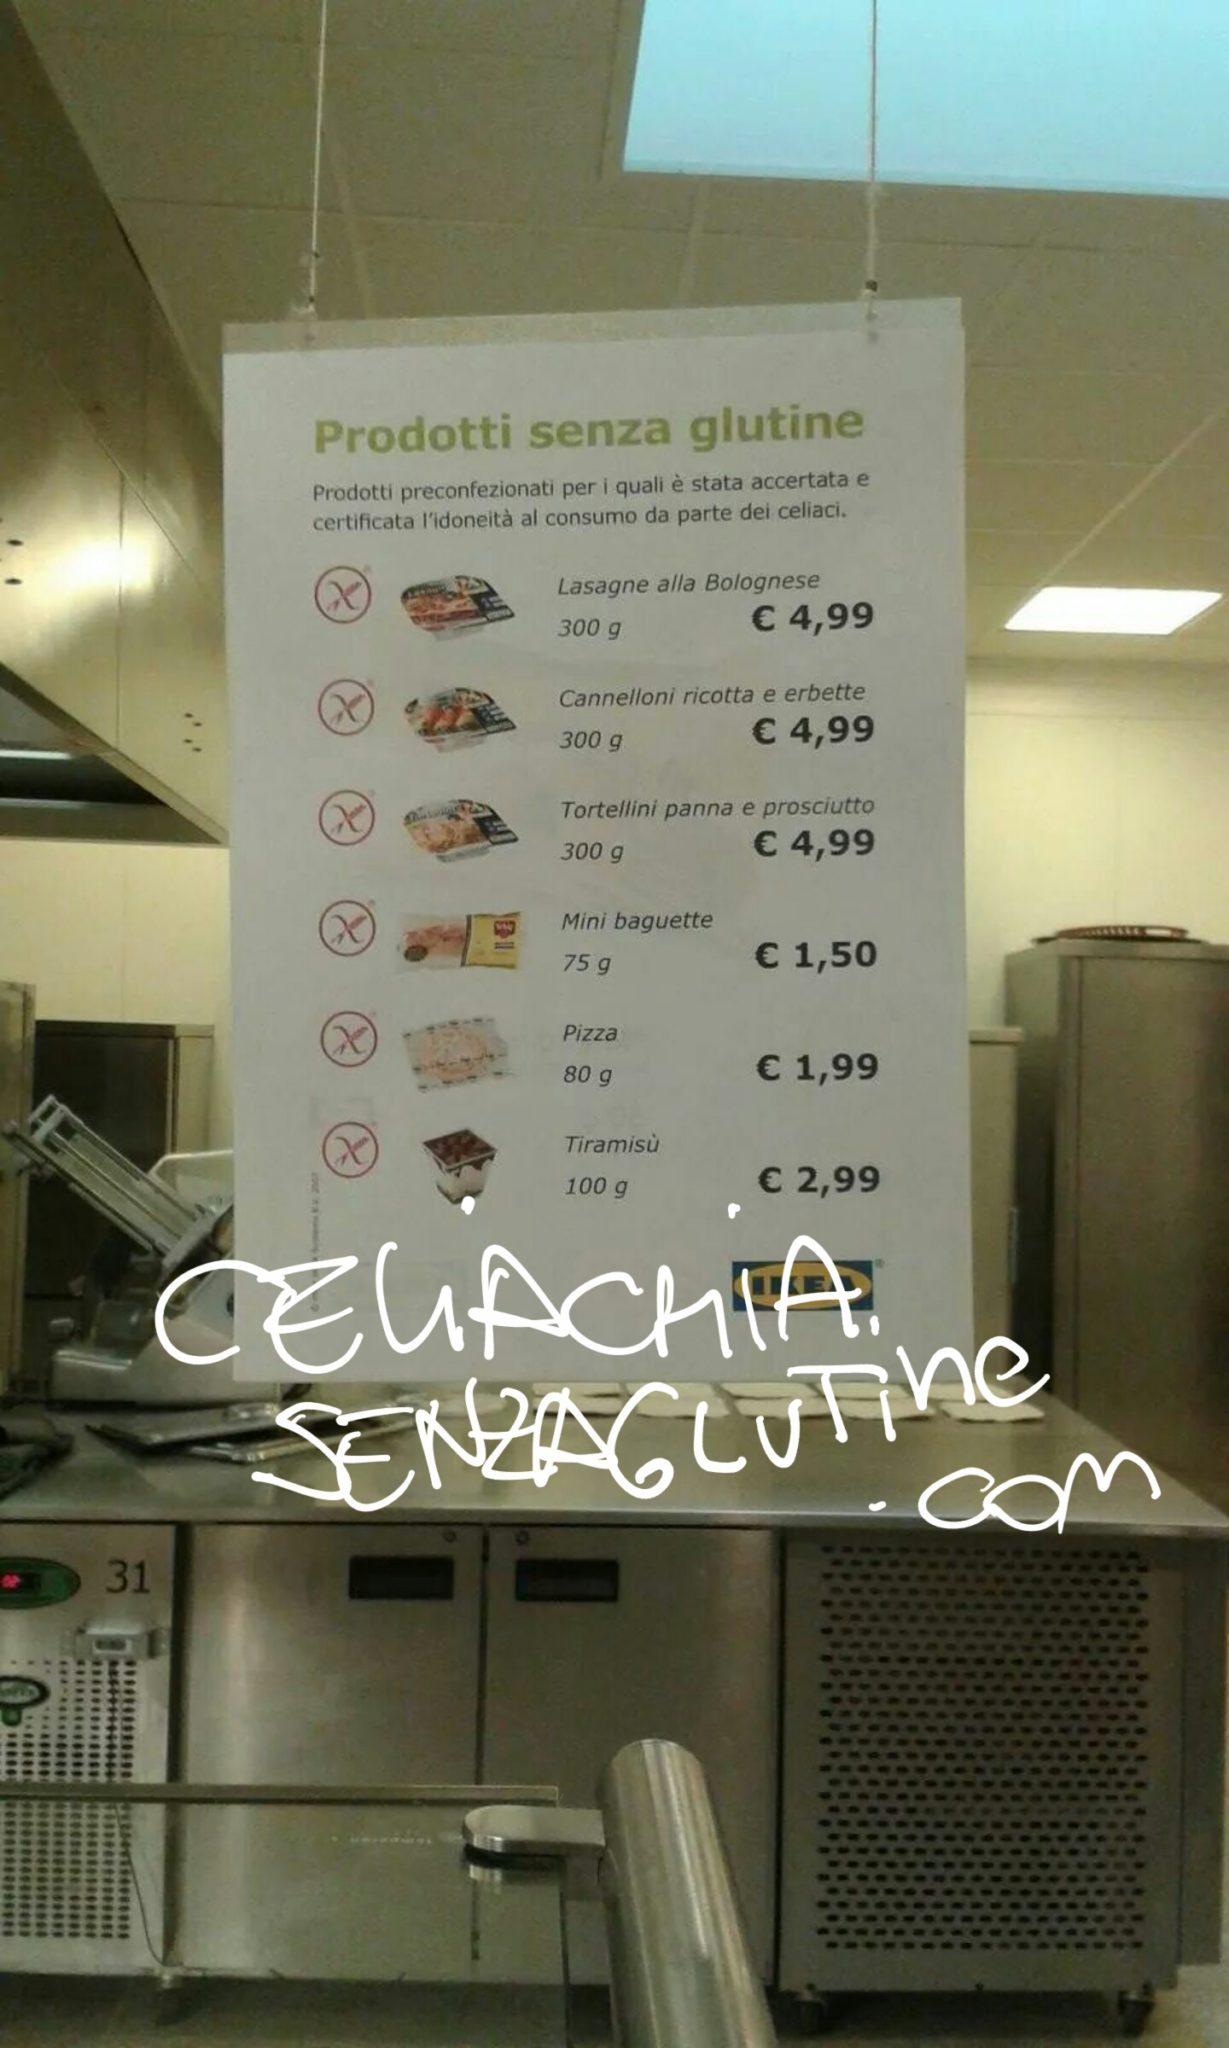 Ikea Senza Glutine il menù completo per noi celiaci.